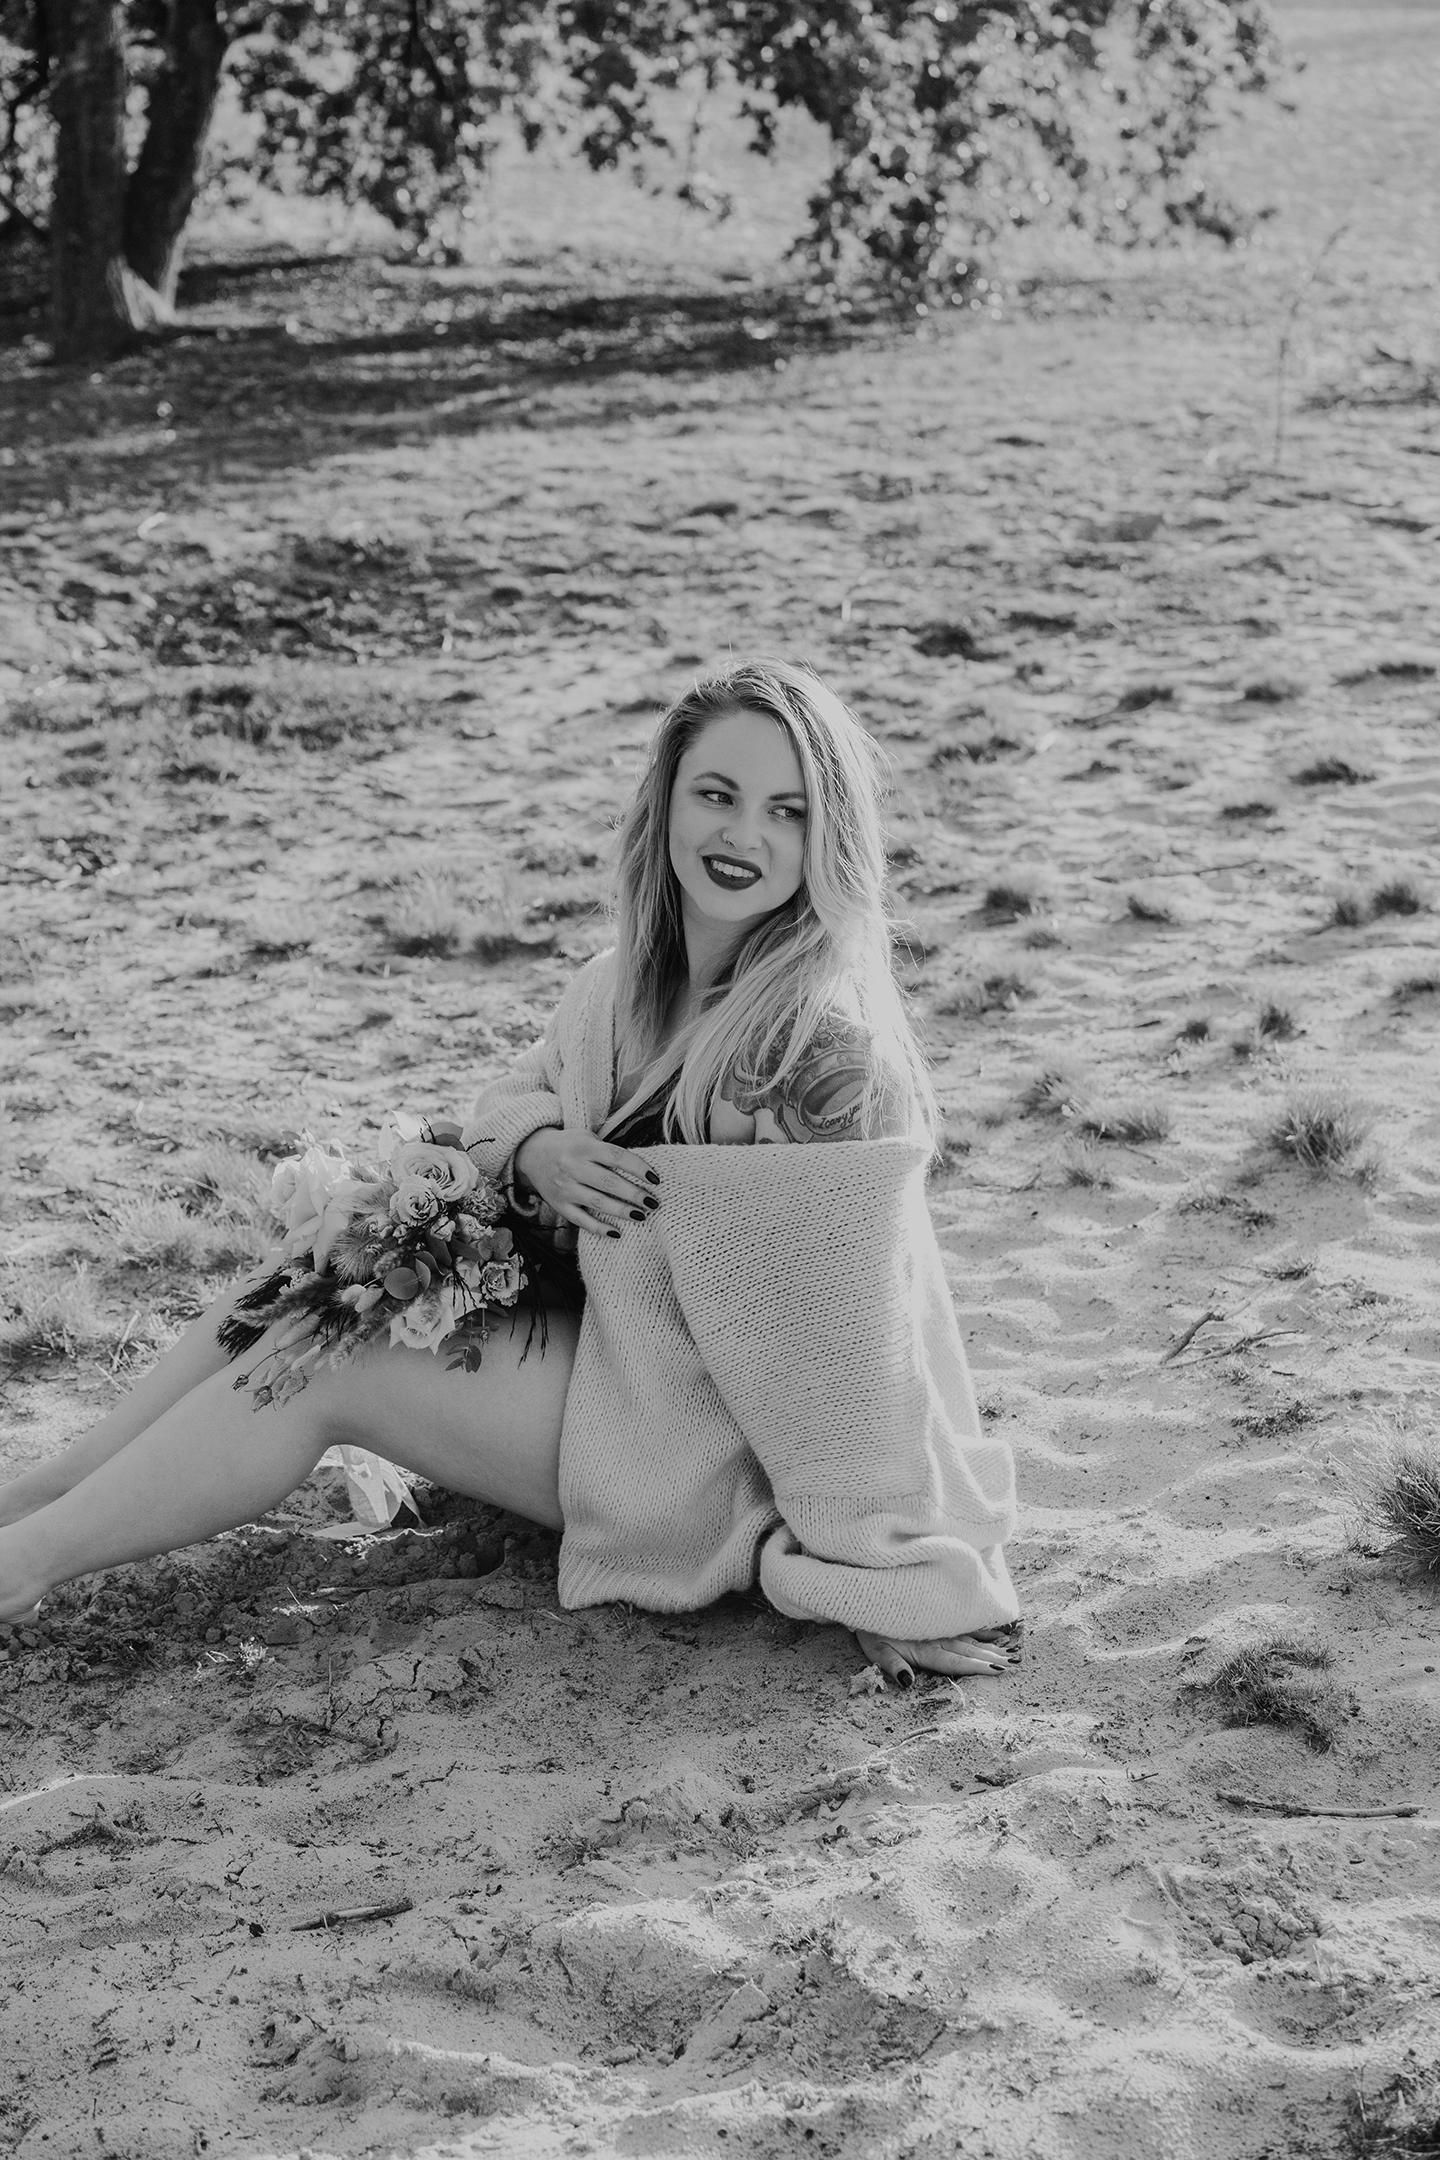 Schwarz-Weiß-Aufnahme einer schönen Frau mit Blumen auf dem Schoß